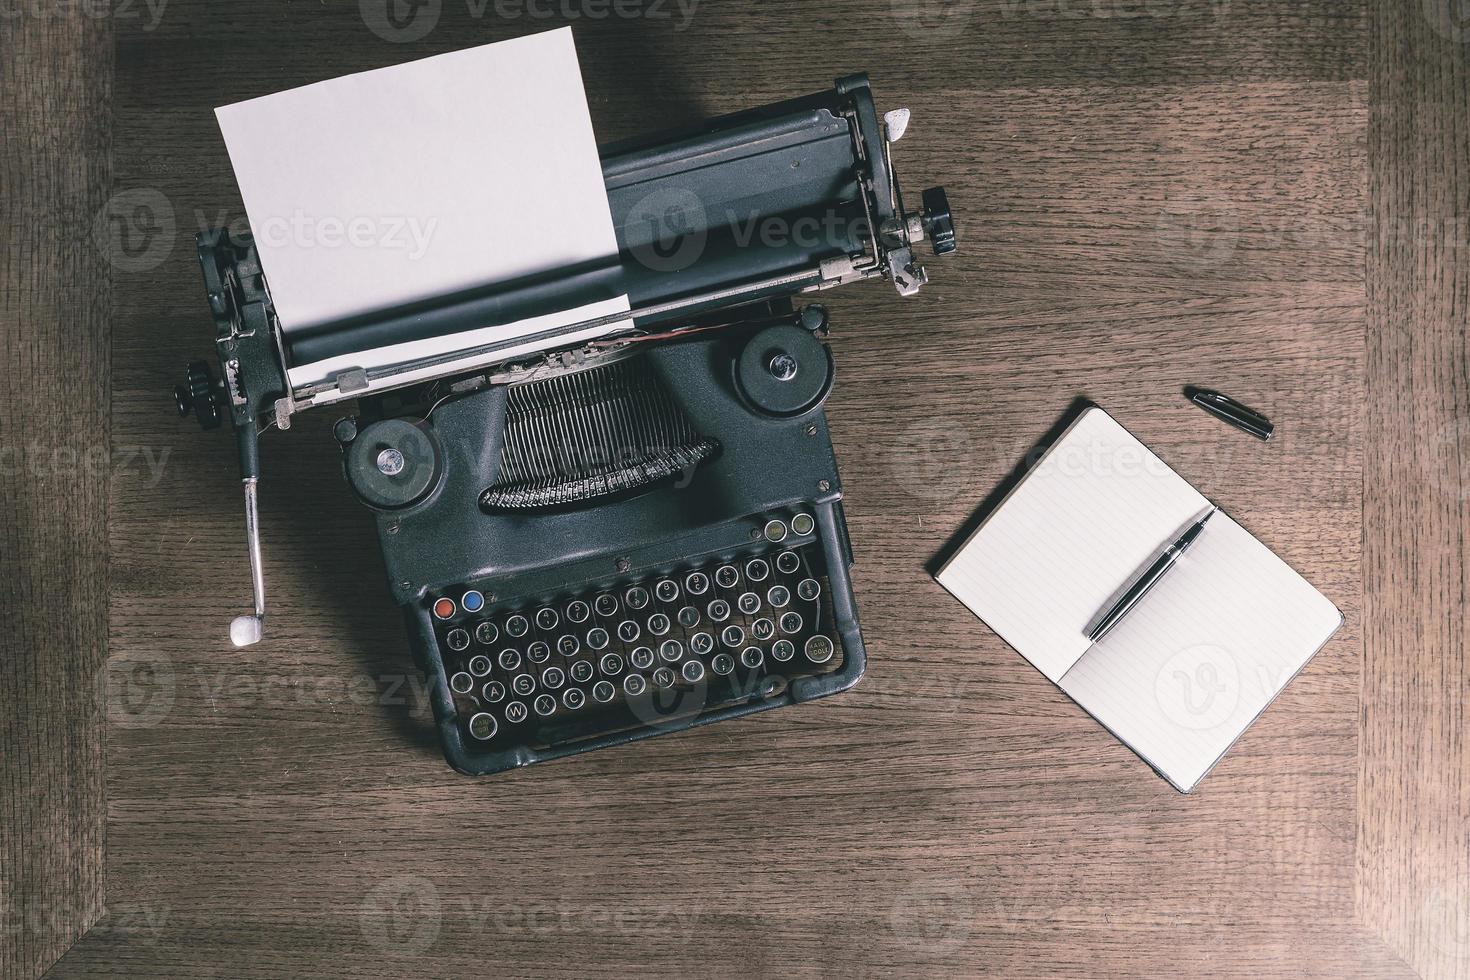 oude schrijfmachine en notebook bovenaanzicht retro stijl foto